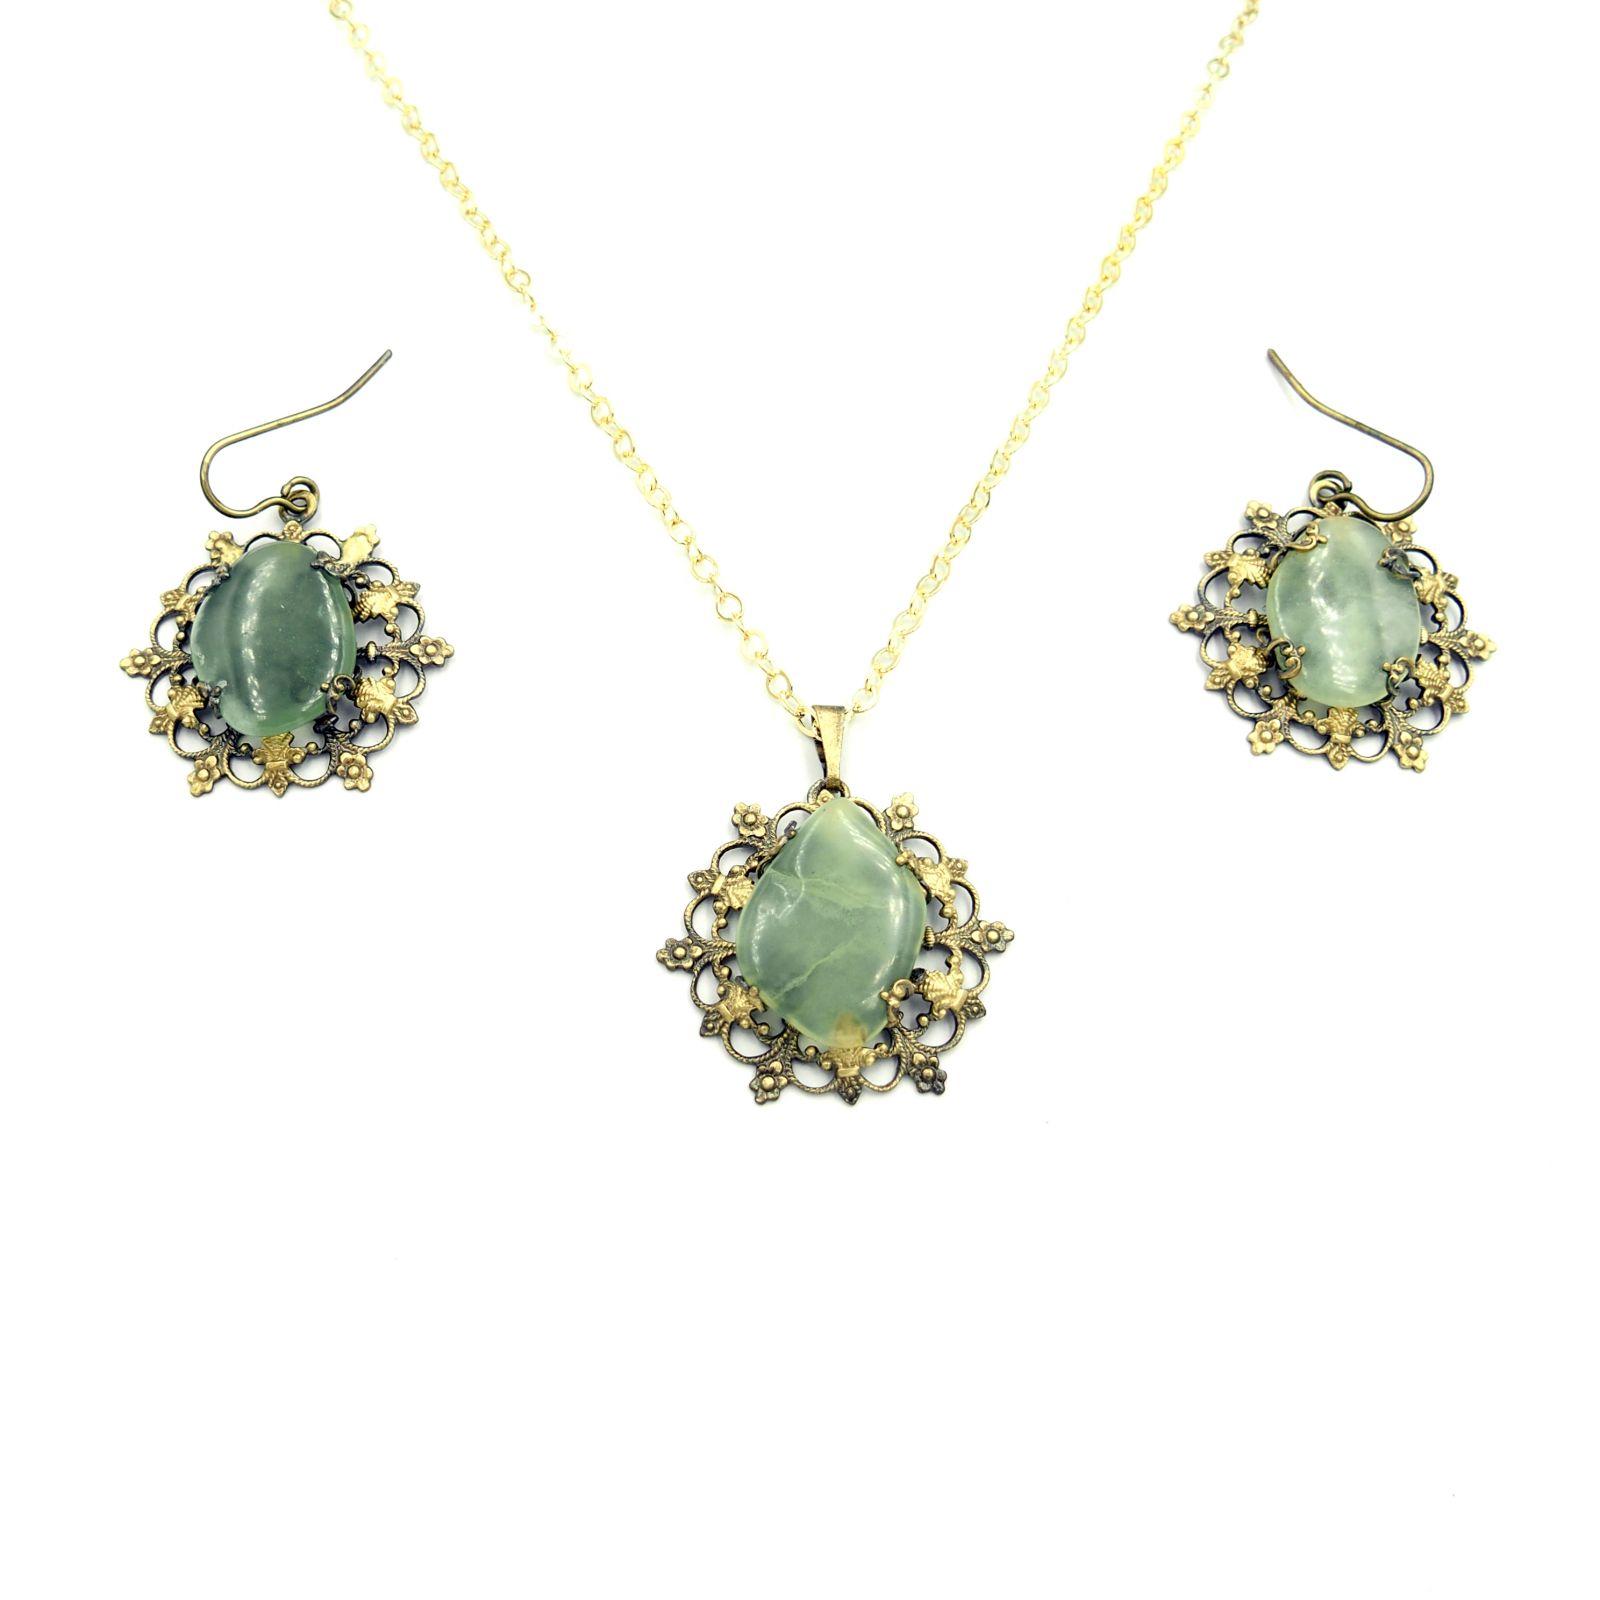 náhrdelník s přívěskem a naušnicemi (c)